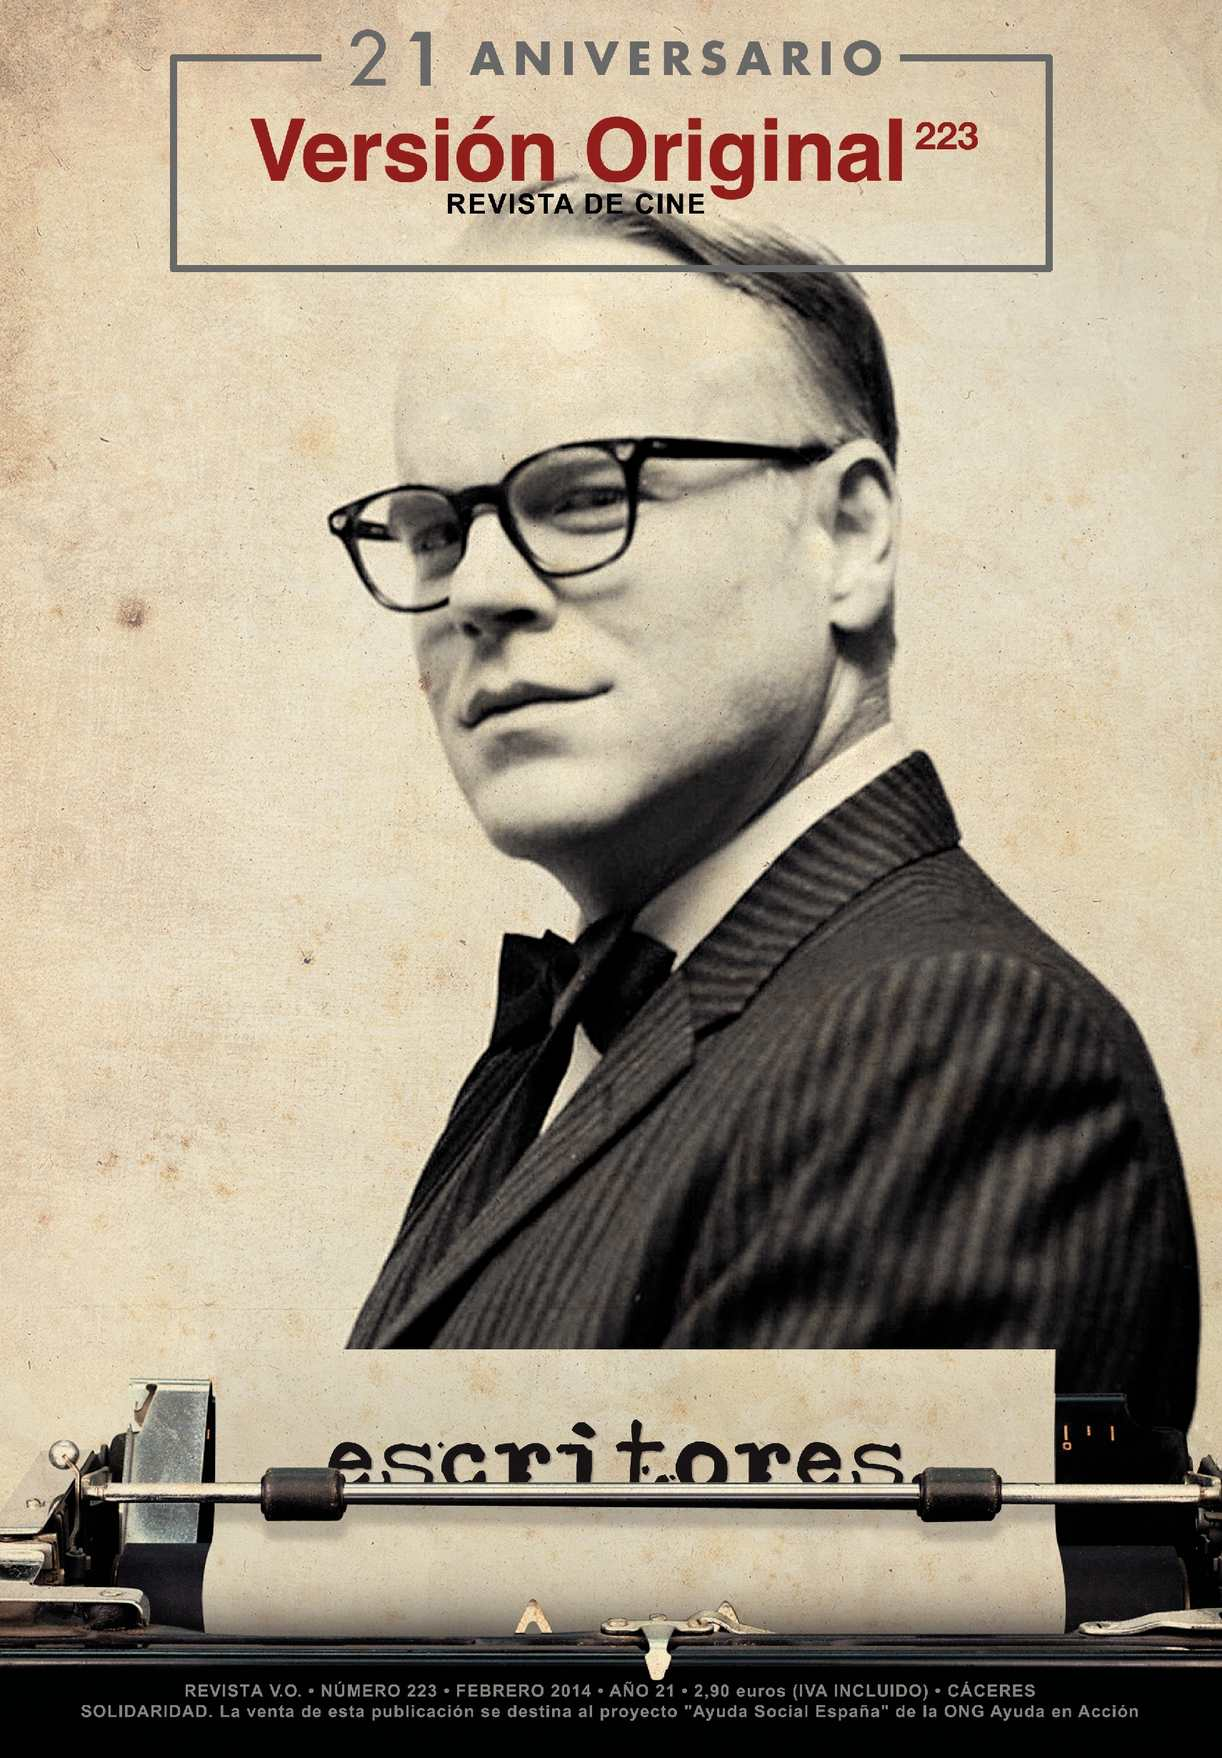 Revista de Cine Versión Original 223. Escritores